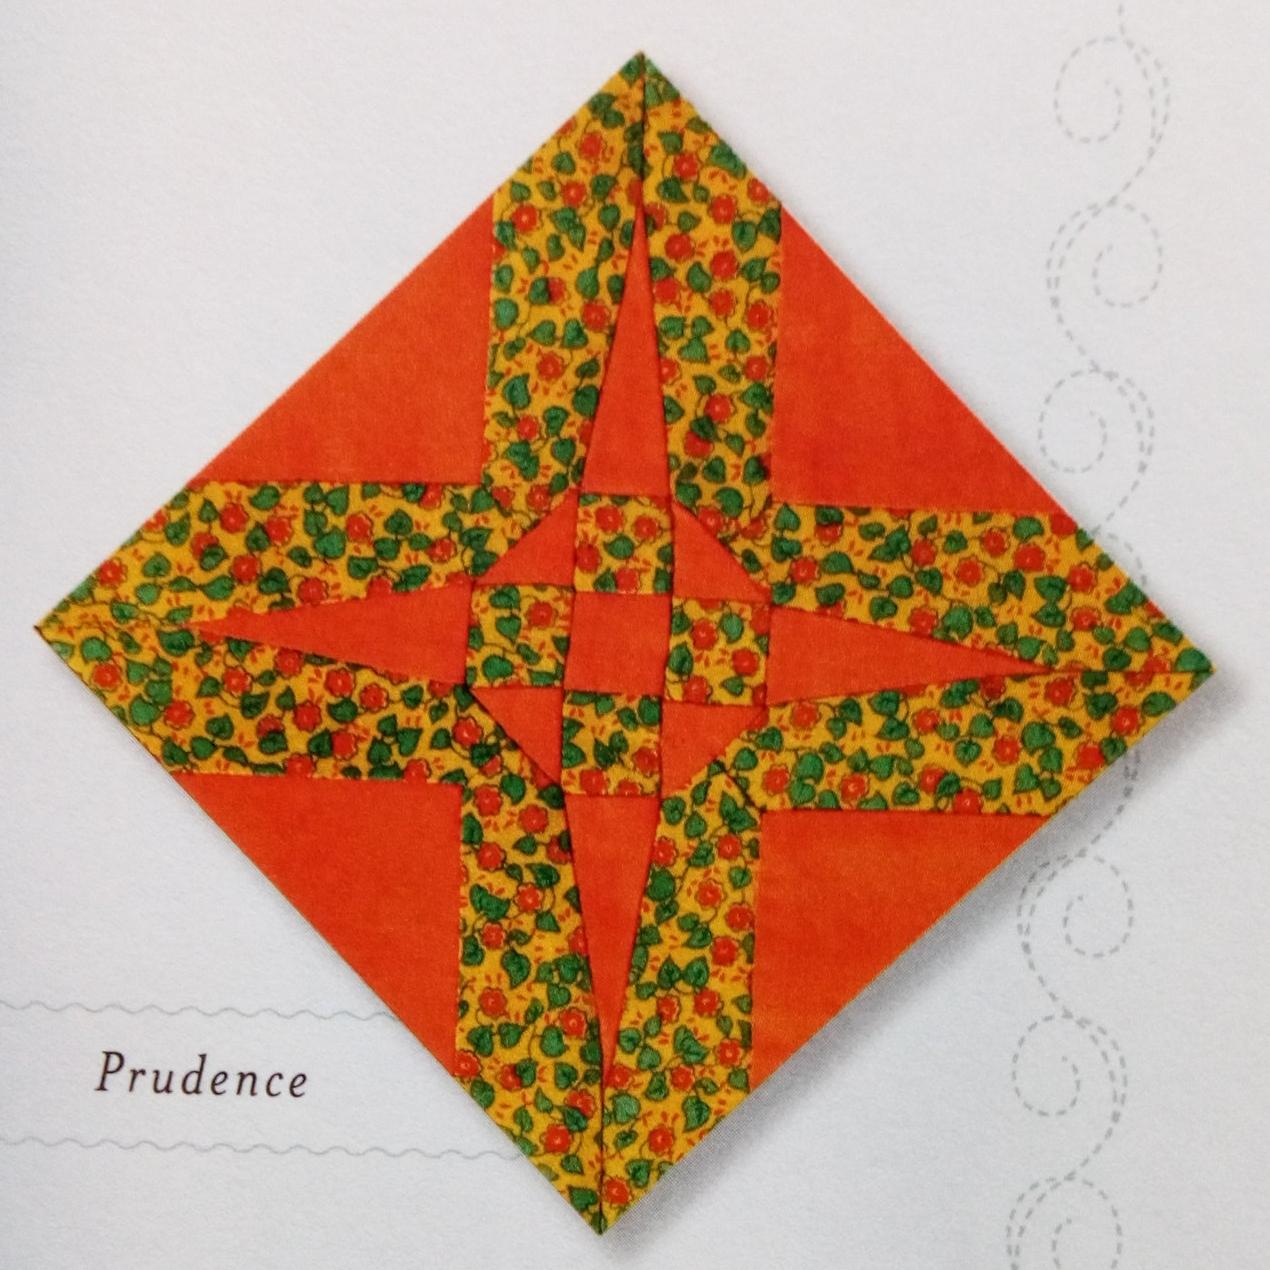 Prudence: Coming May 7